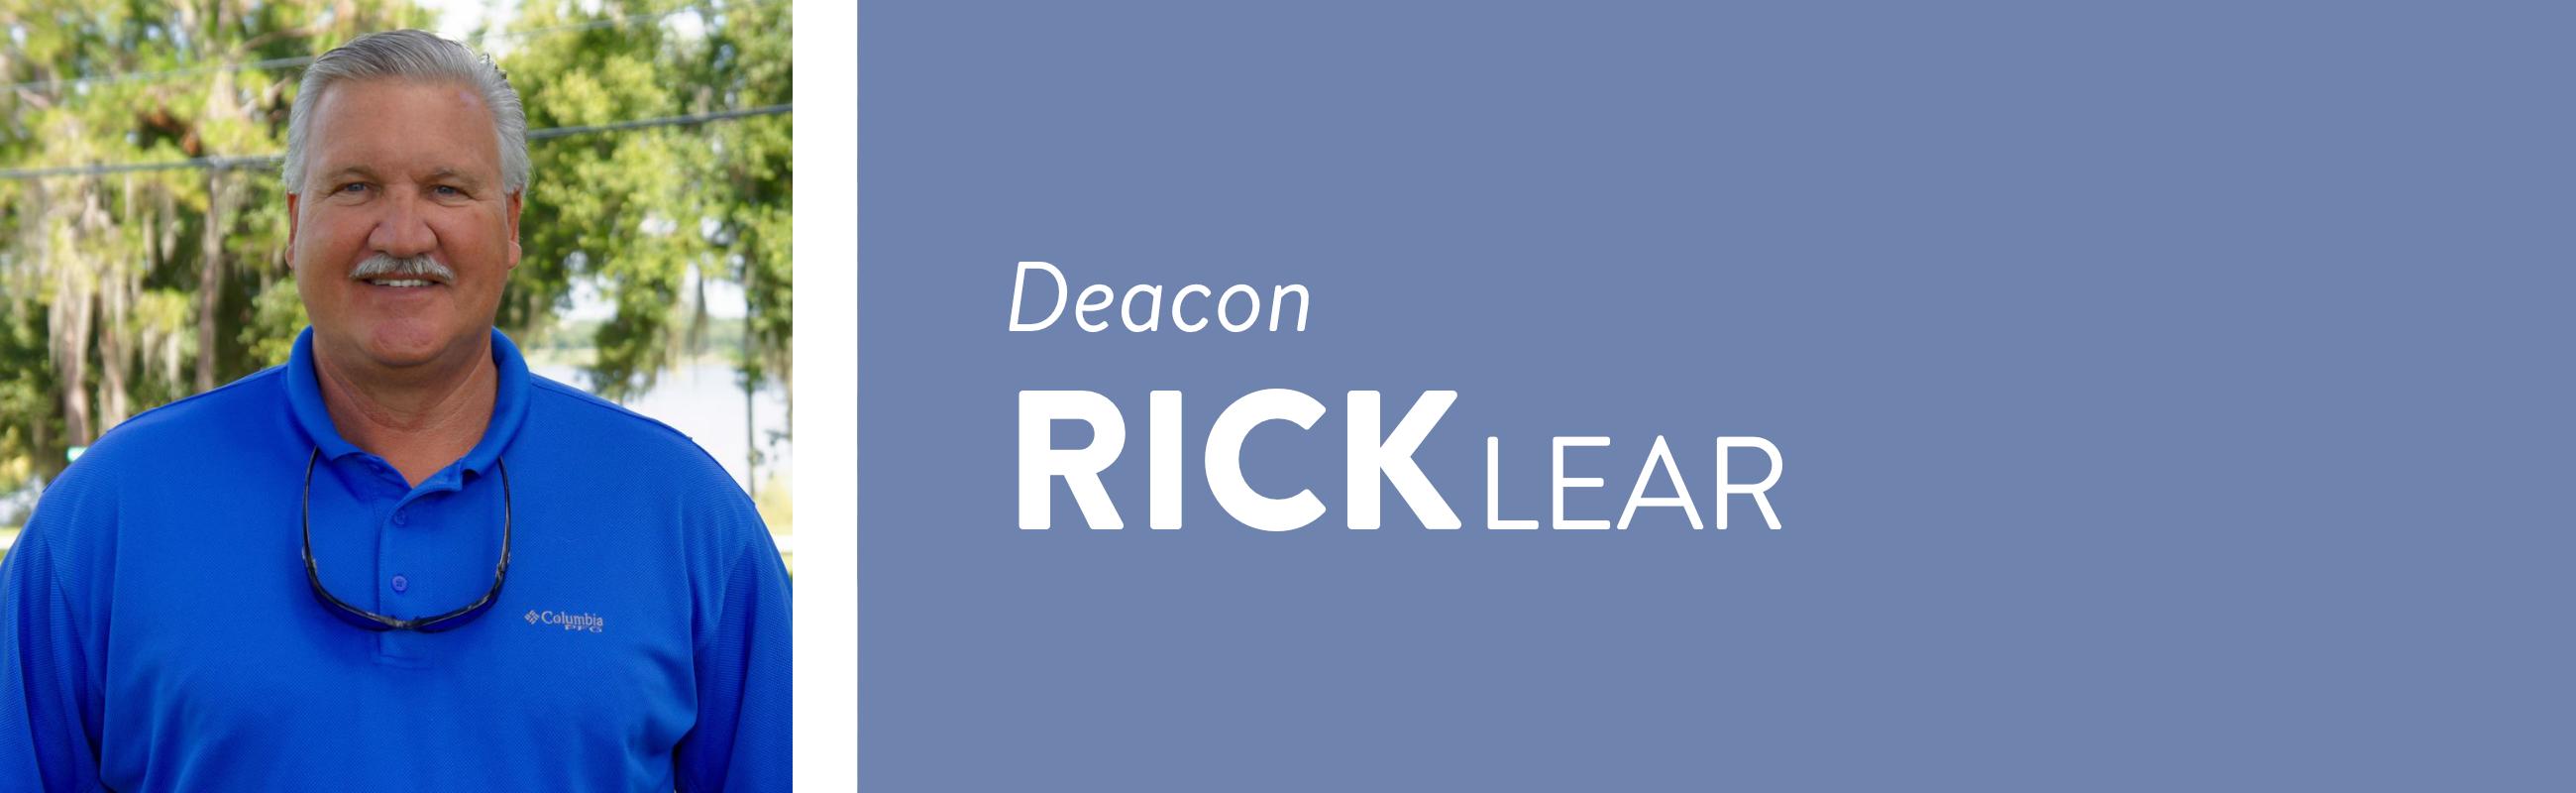 rcc deacon 5